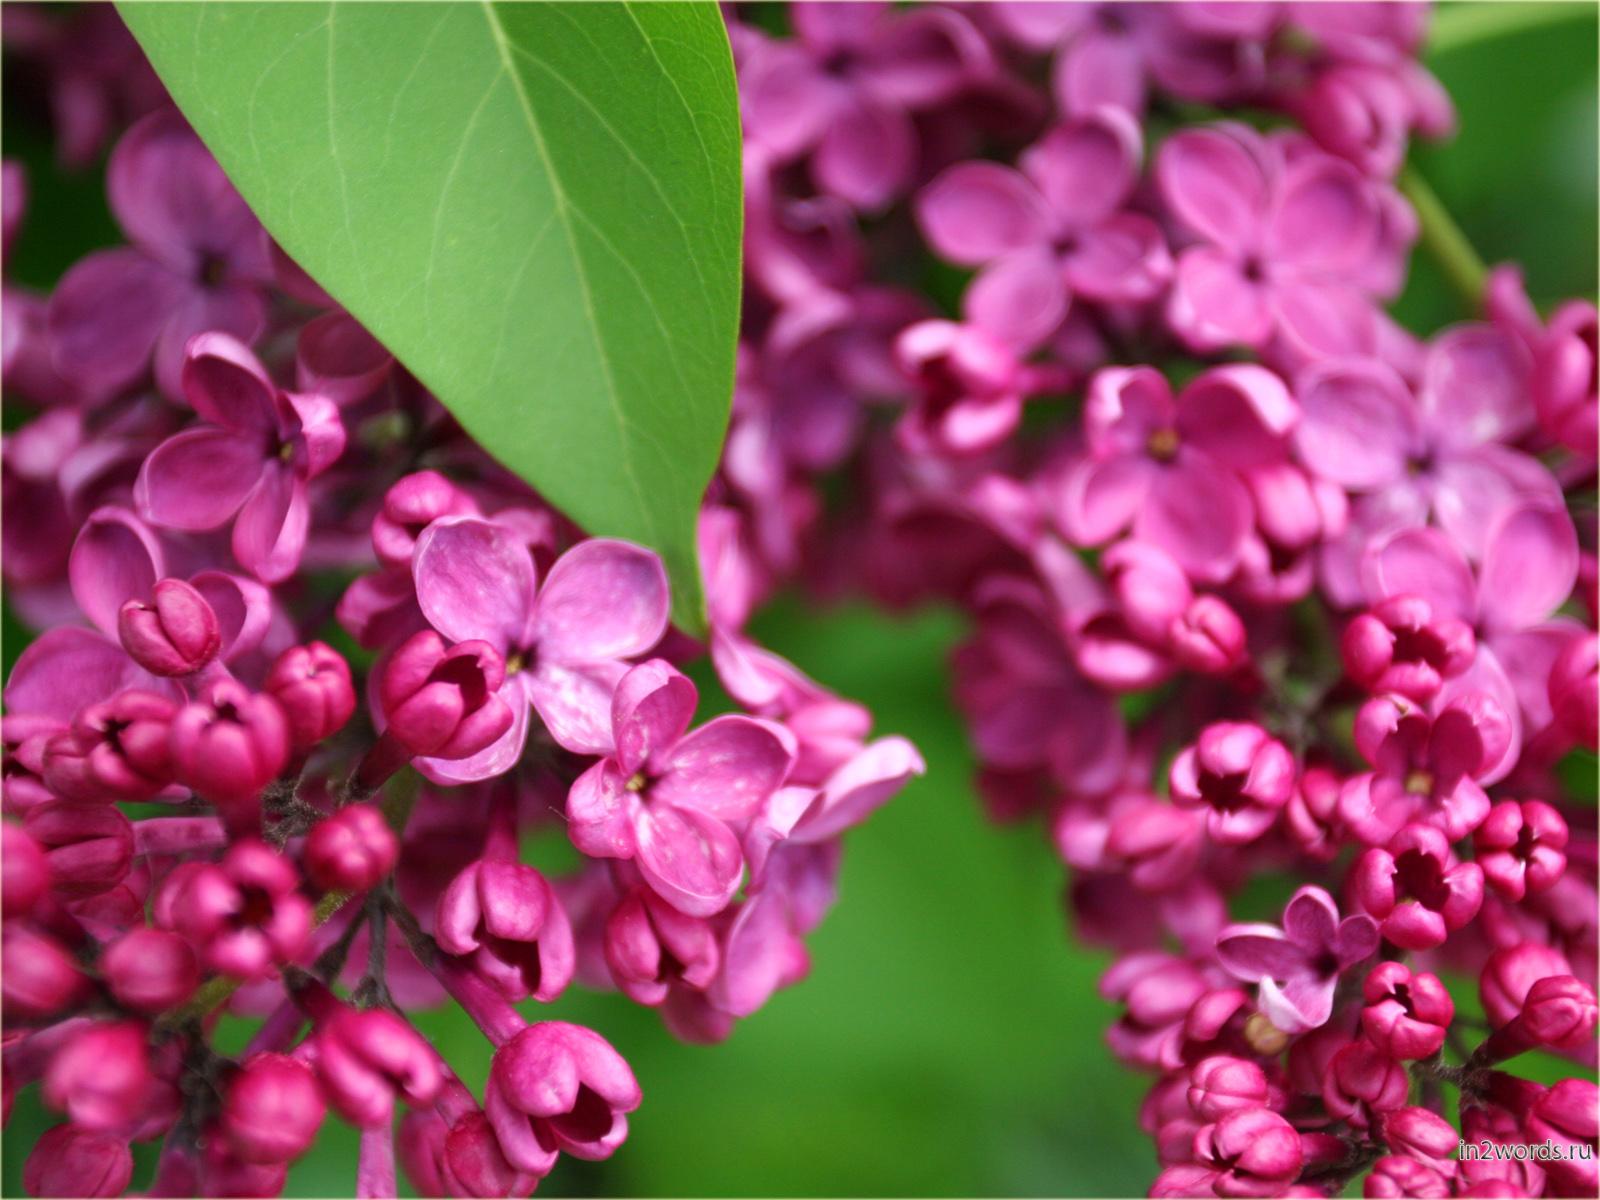 Сирень цвета фуксия и розового. Яркие обои для рабочего стола.